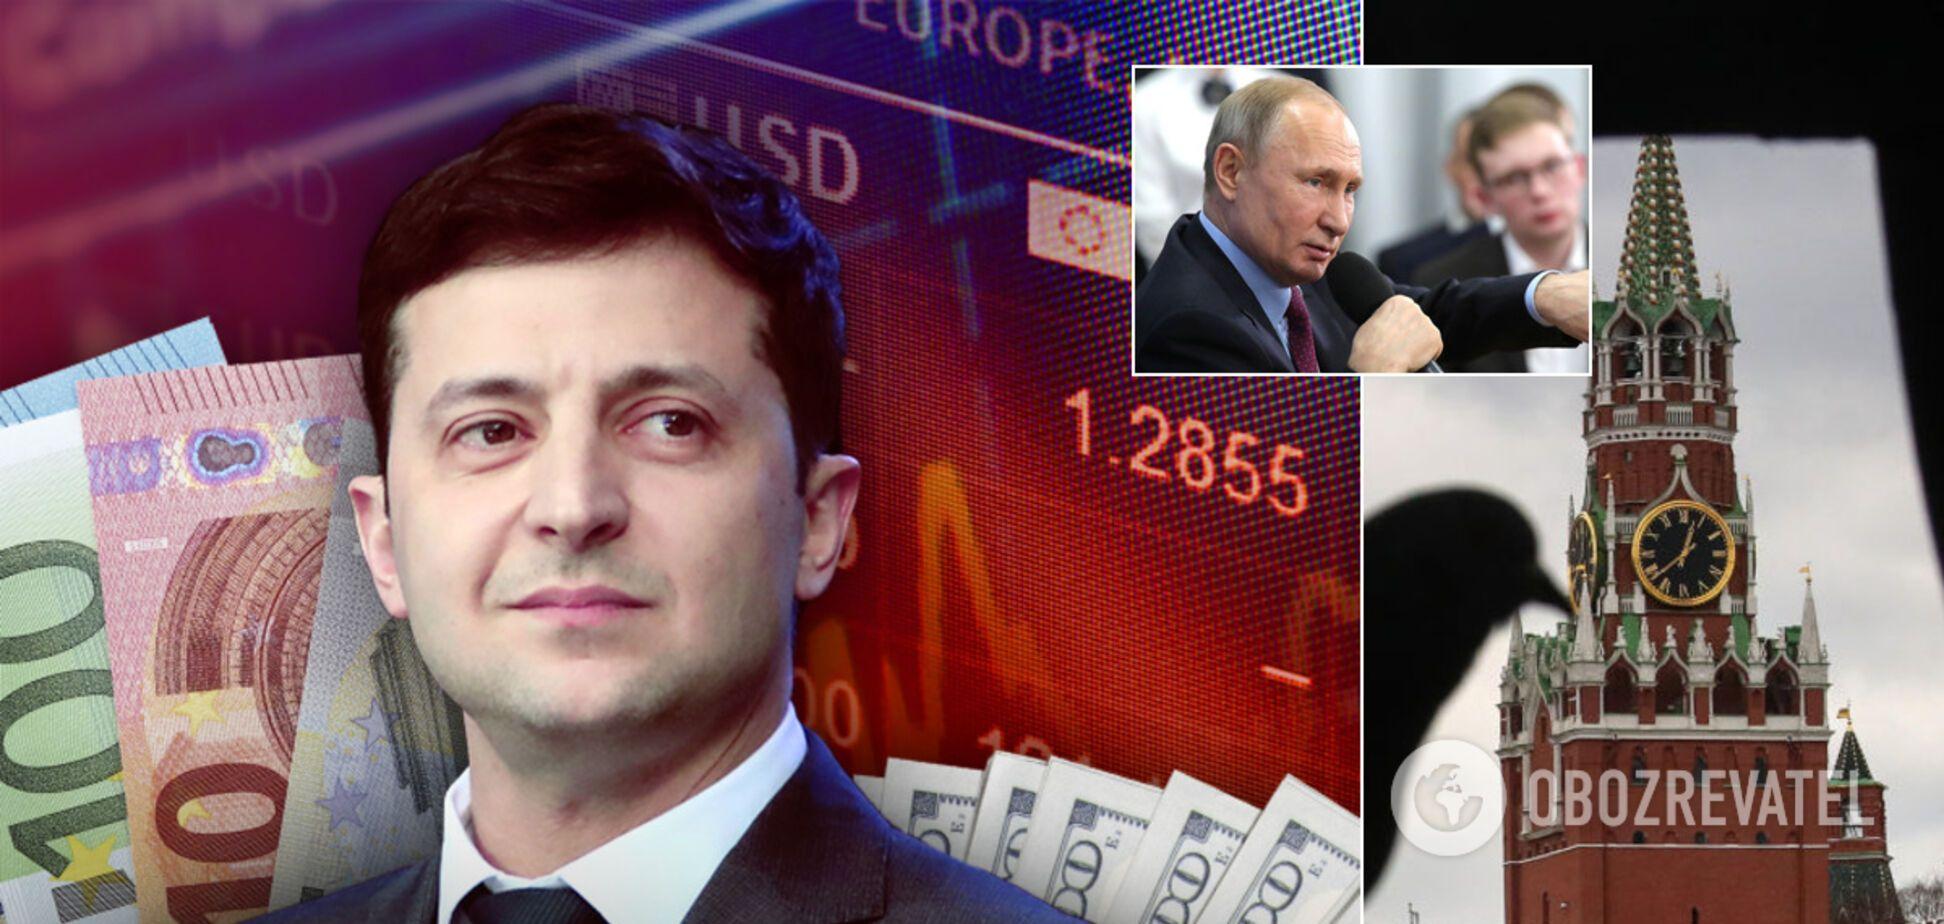 В Росії грошей залишилося лише на рік, а Україні важко буде вибратися з кризи. Інтерв'ю з відомим економістом